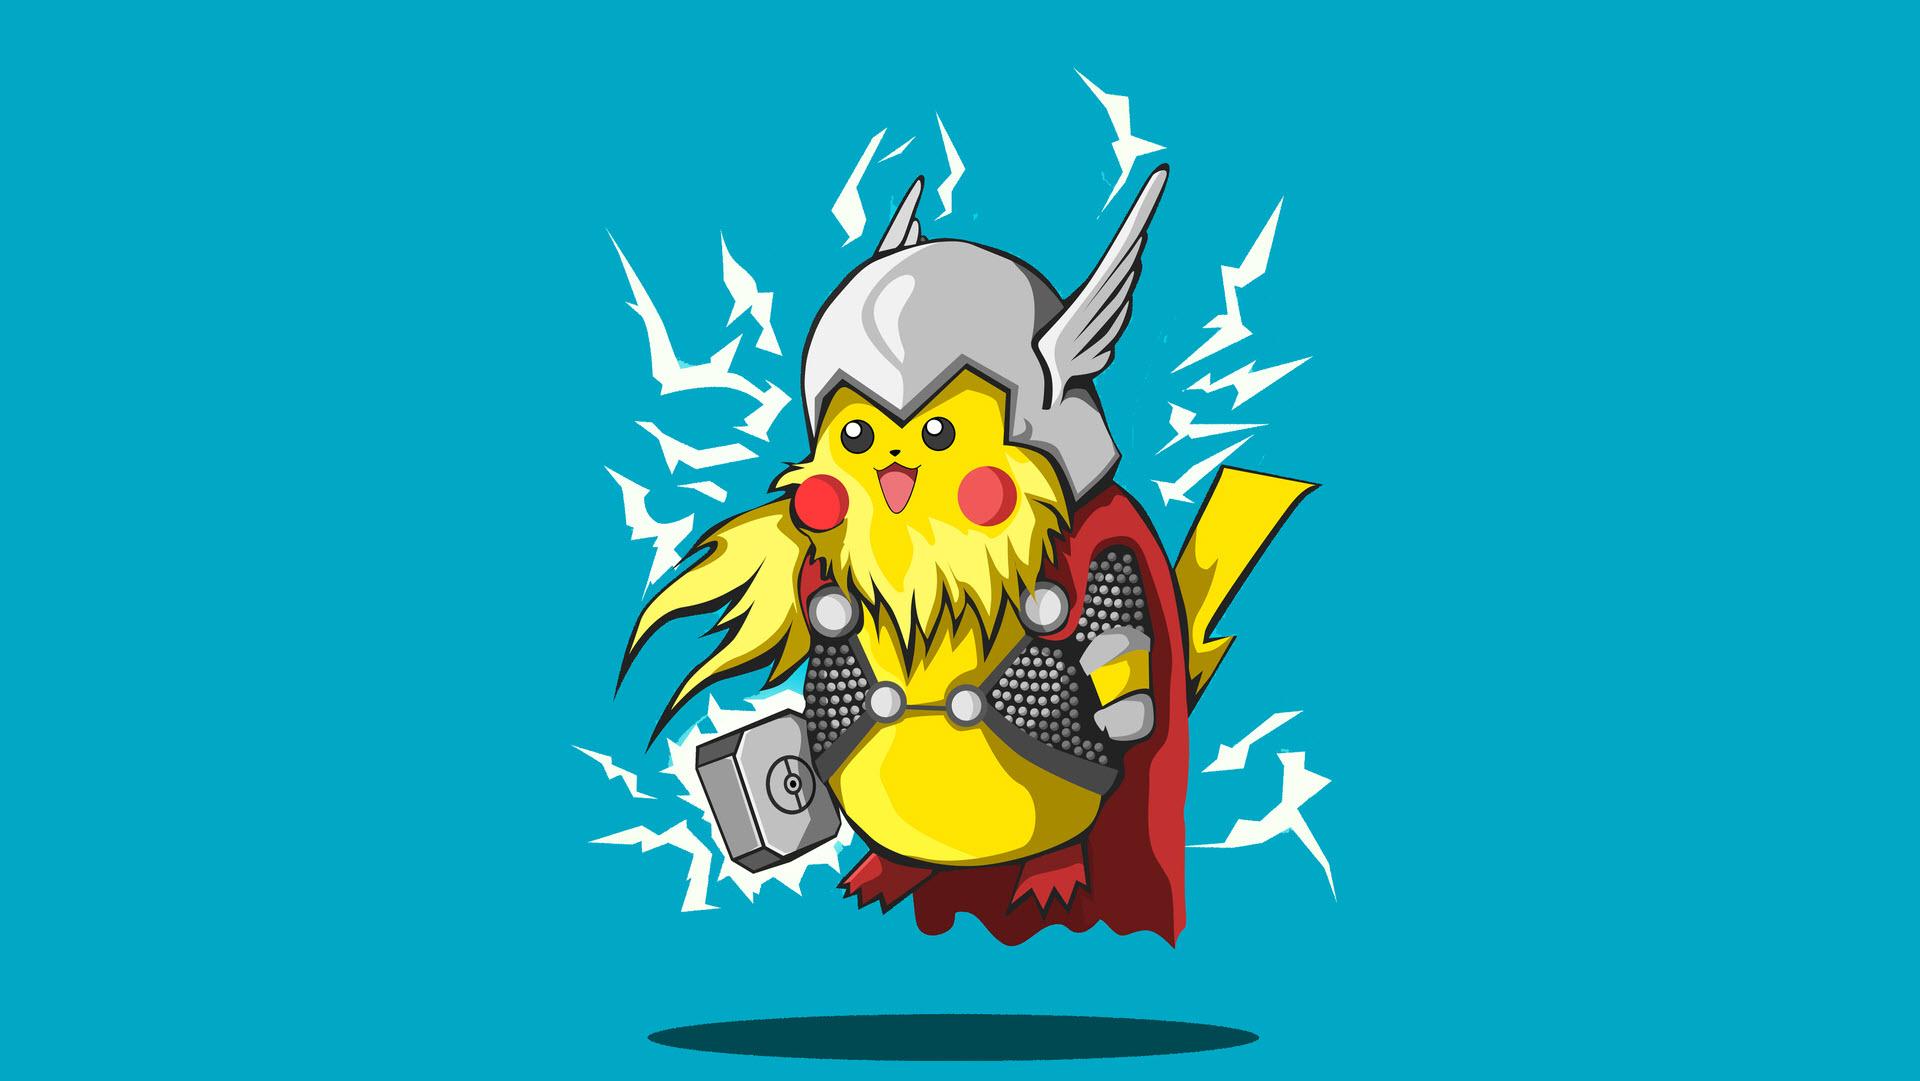 Hình nền Pikachu đẹp chất